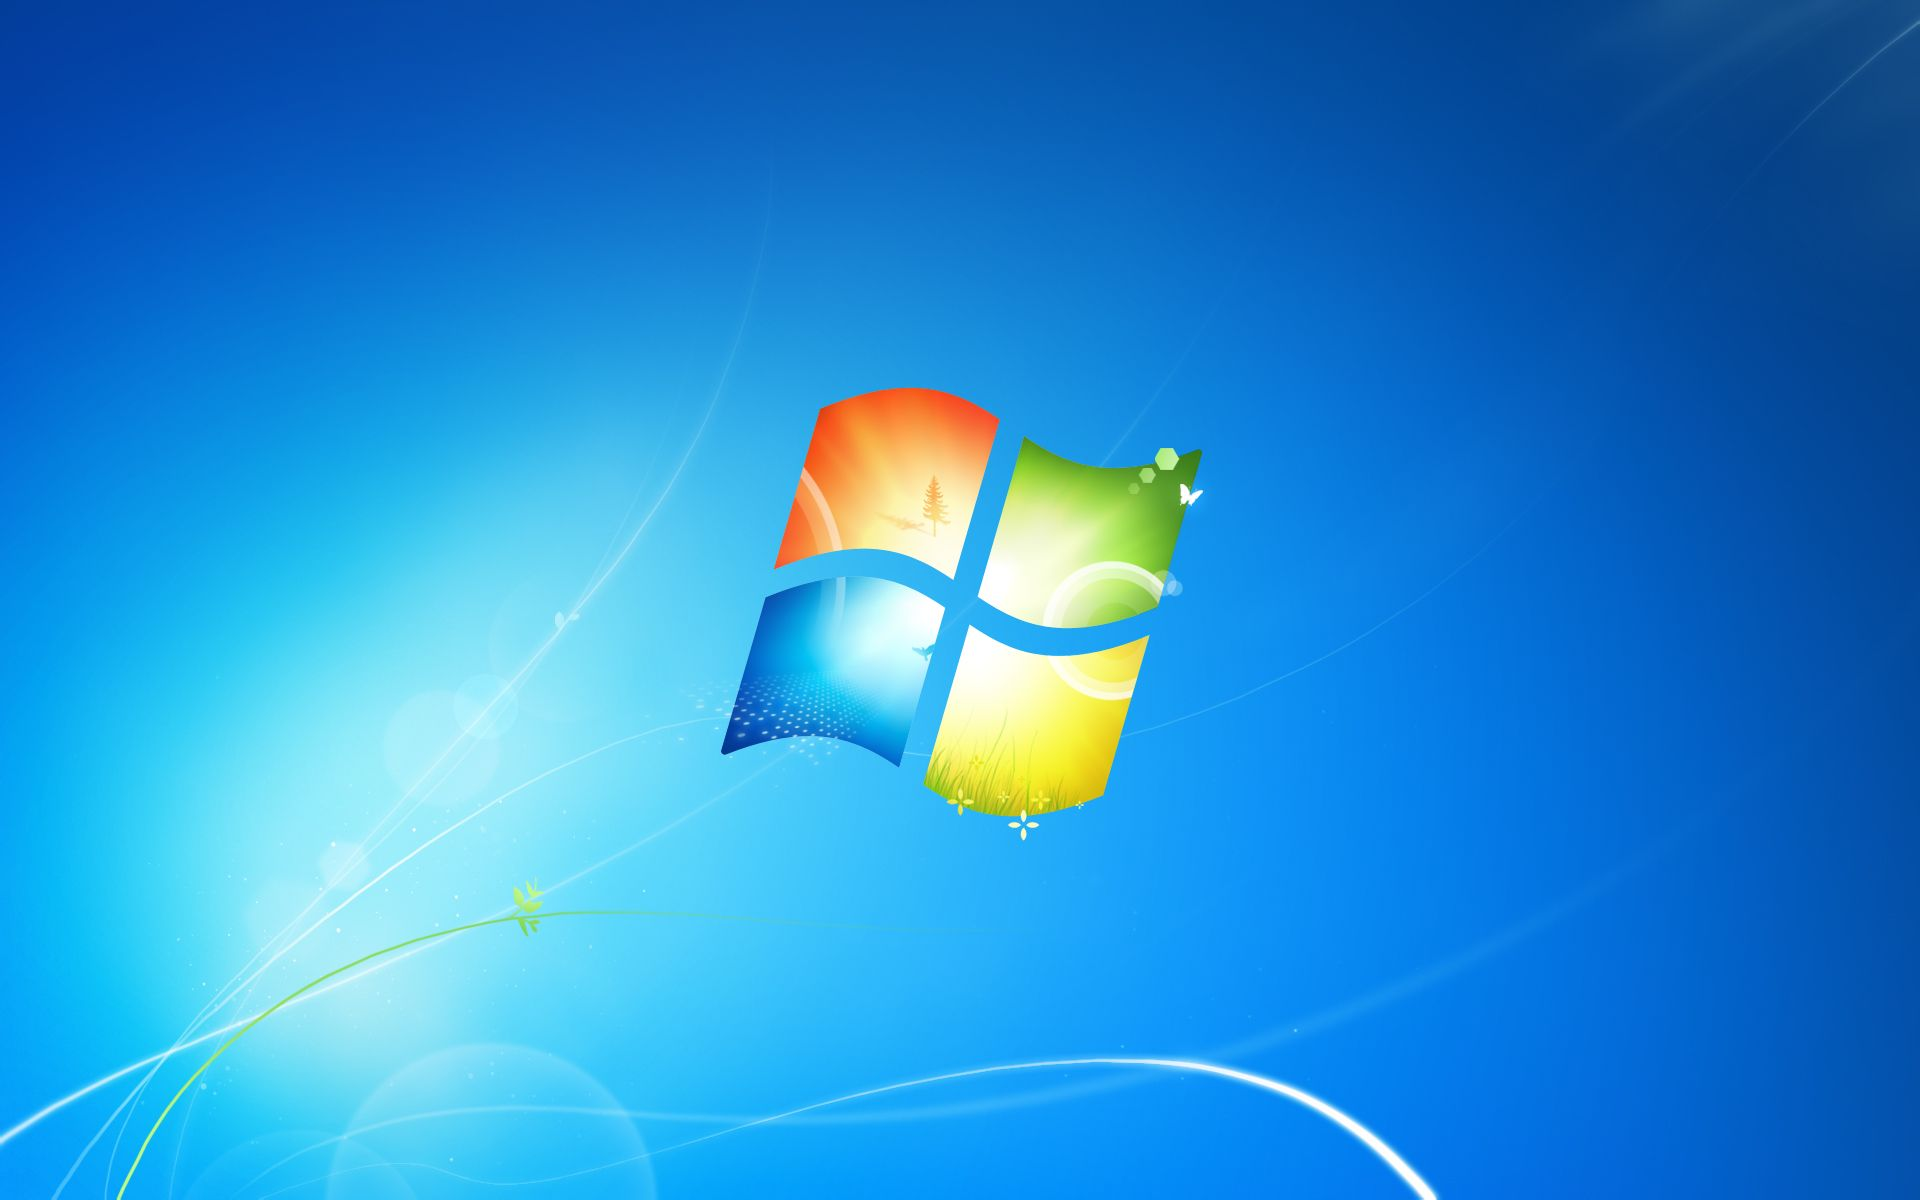 请问win7安装完成以后,系统默认的主题,主要是桌面图片在哪里可以